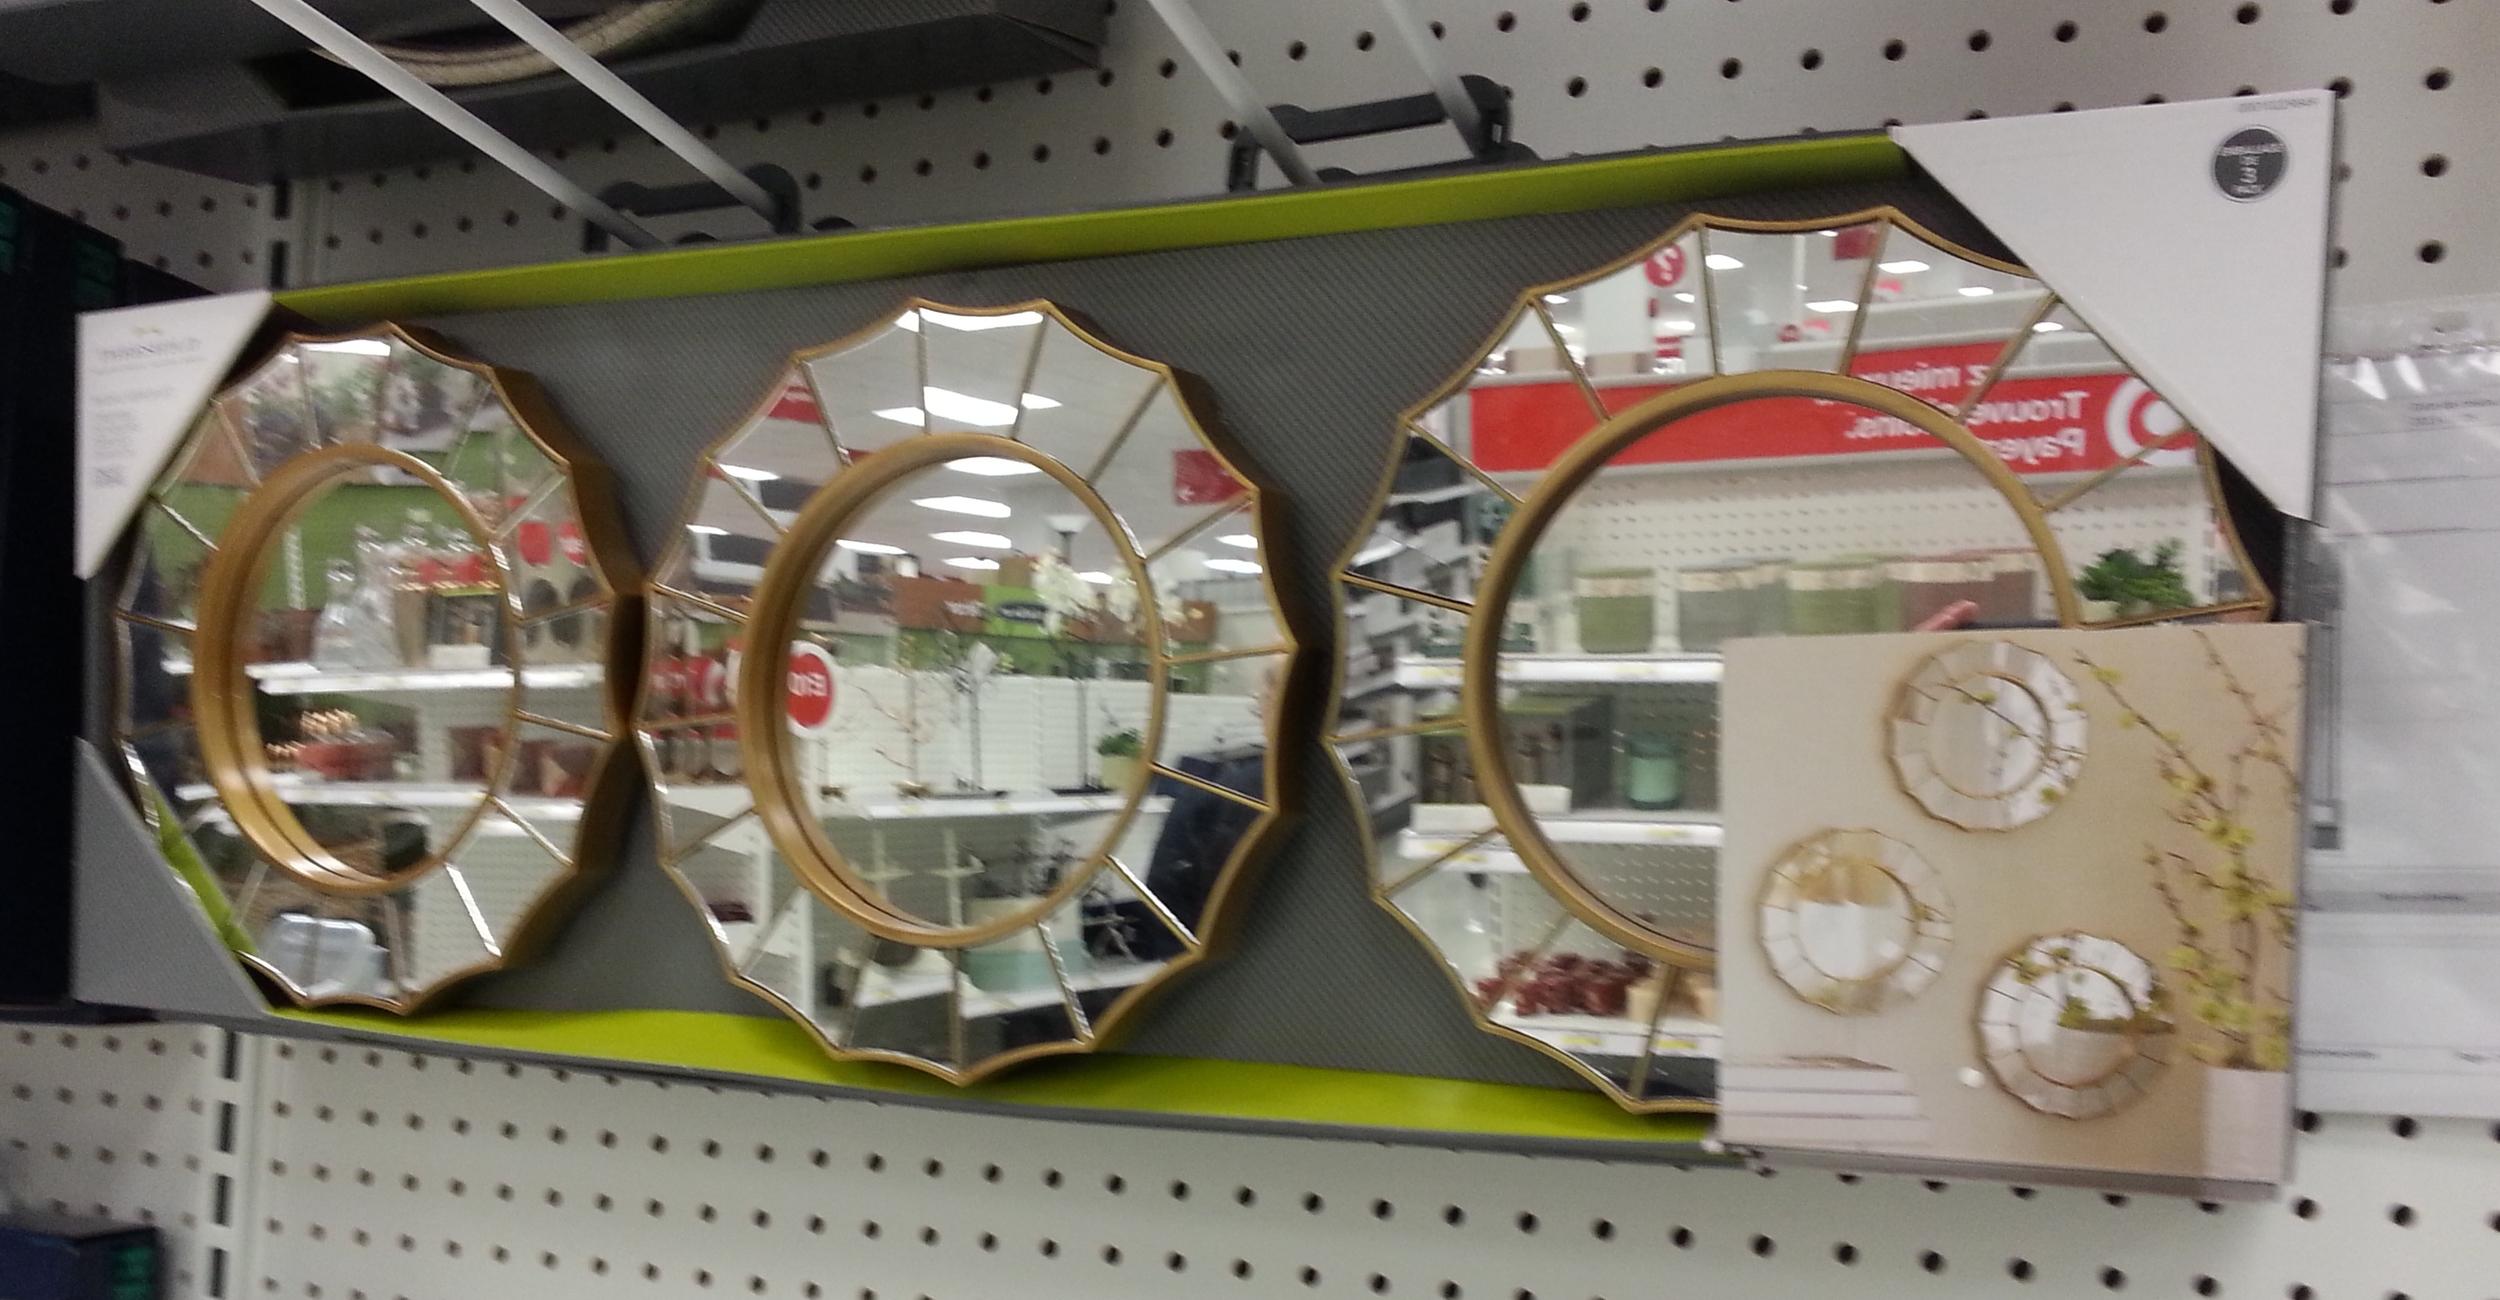 set of mirrors TARGET